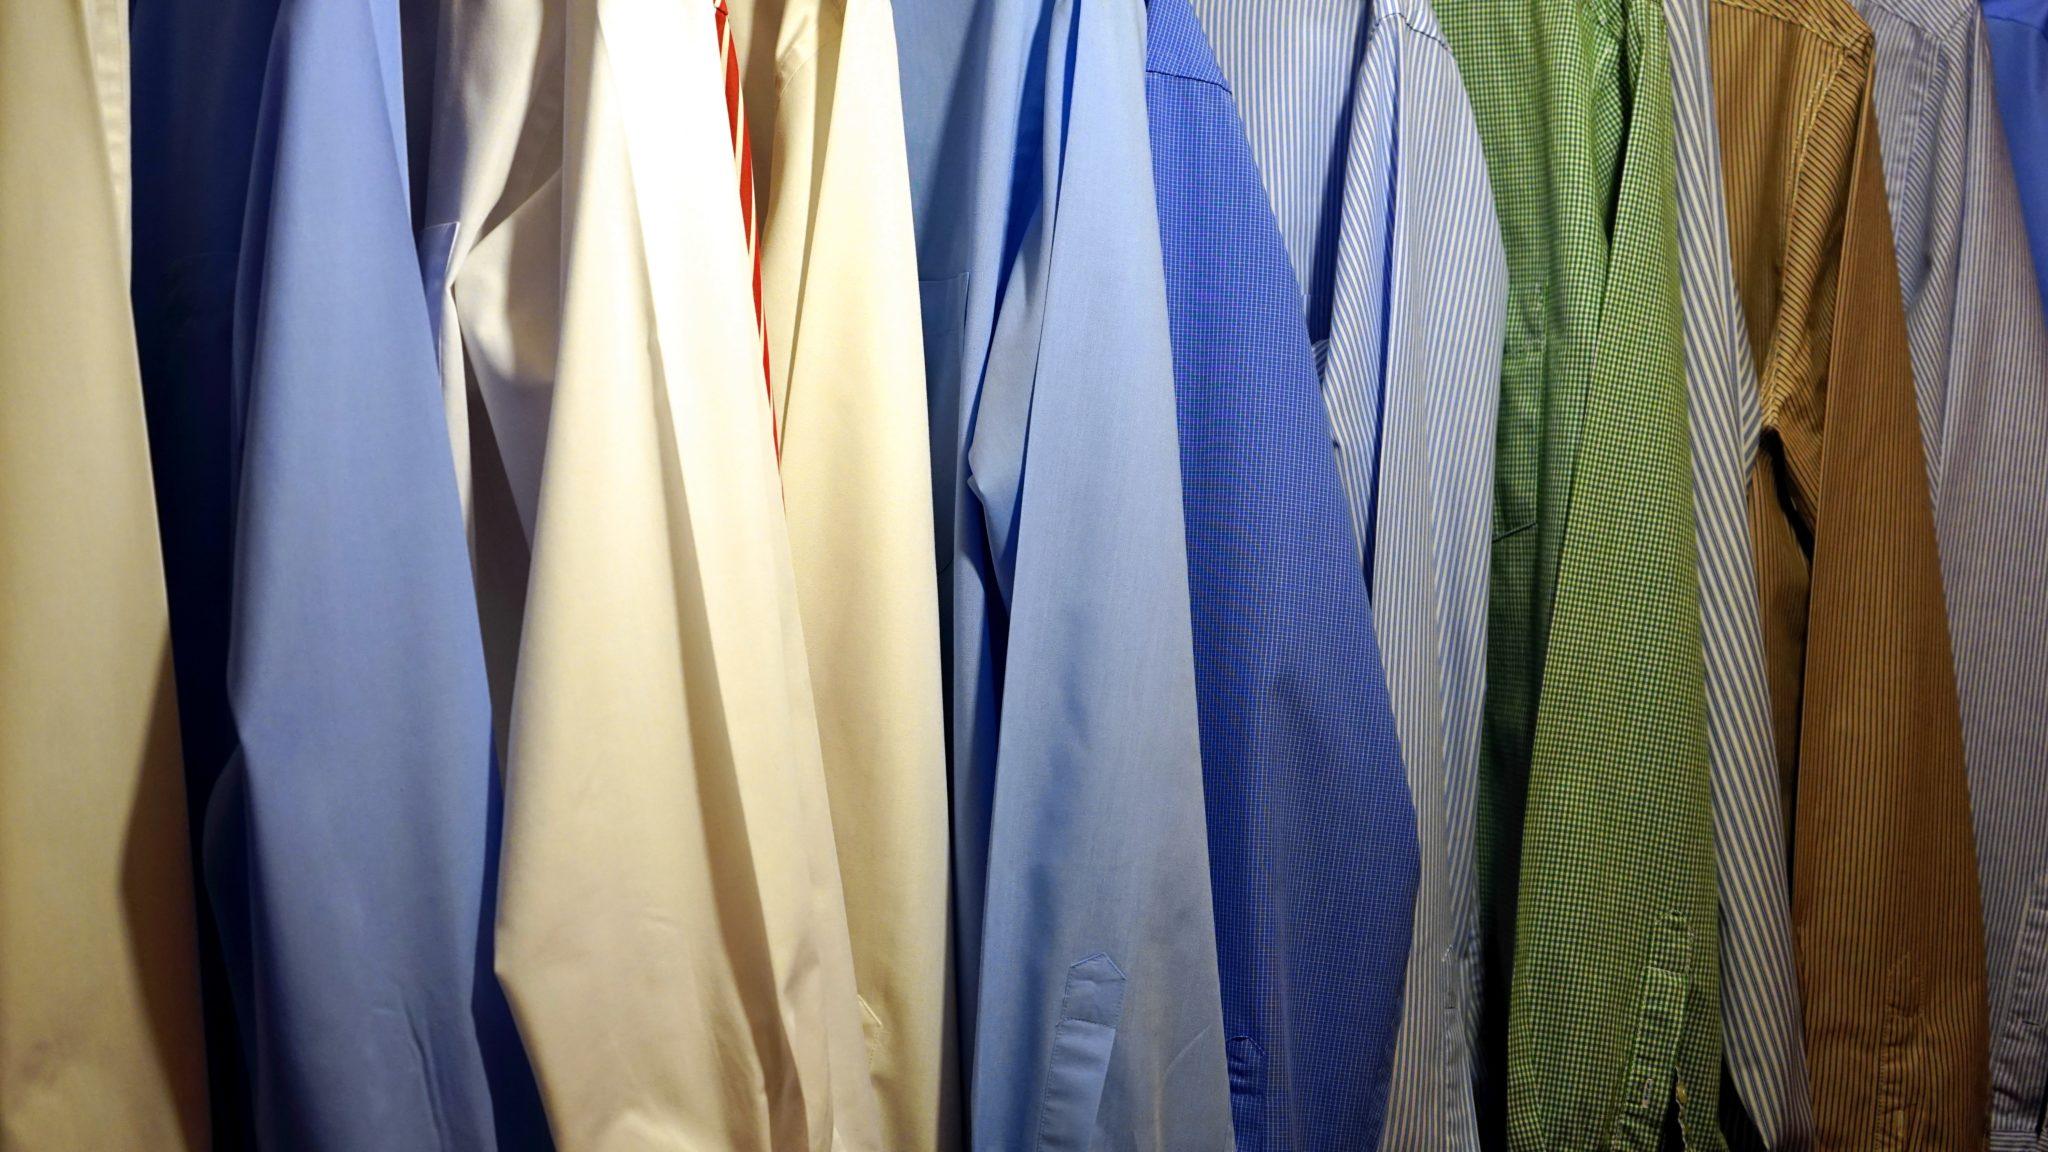 na zdjęciu znajdują się rękawy koszul w odcieniach żółci, błękitu oraz zieleni